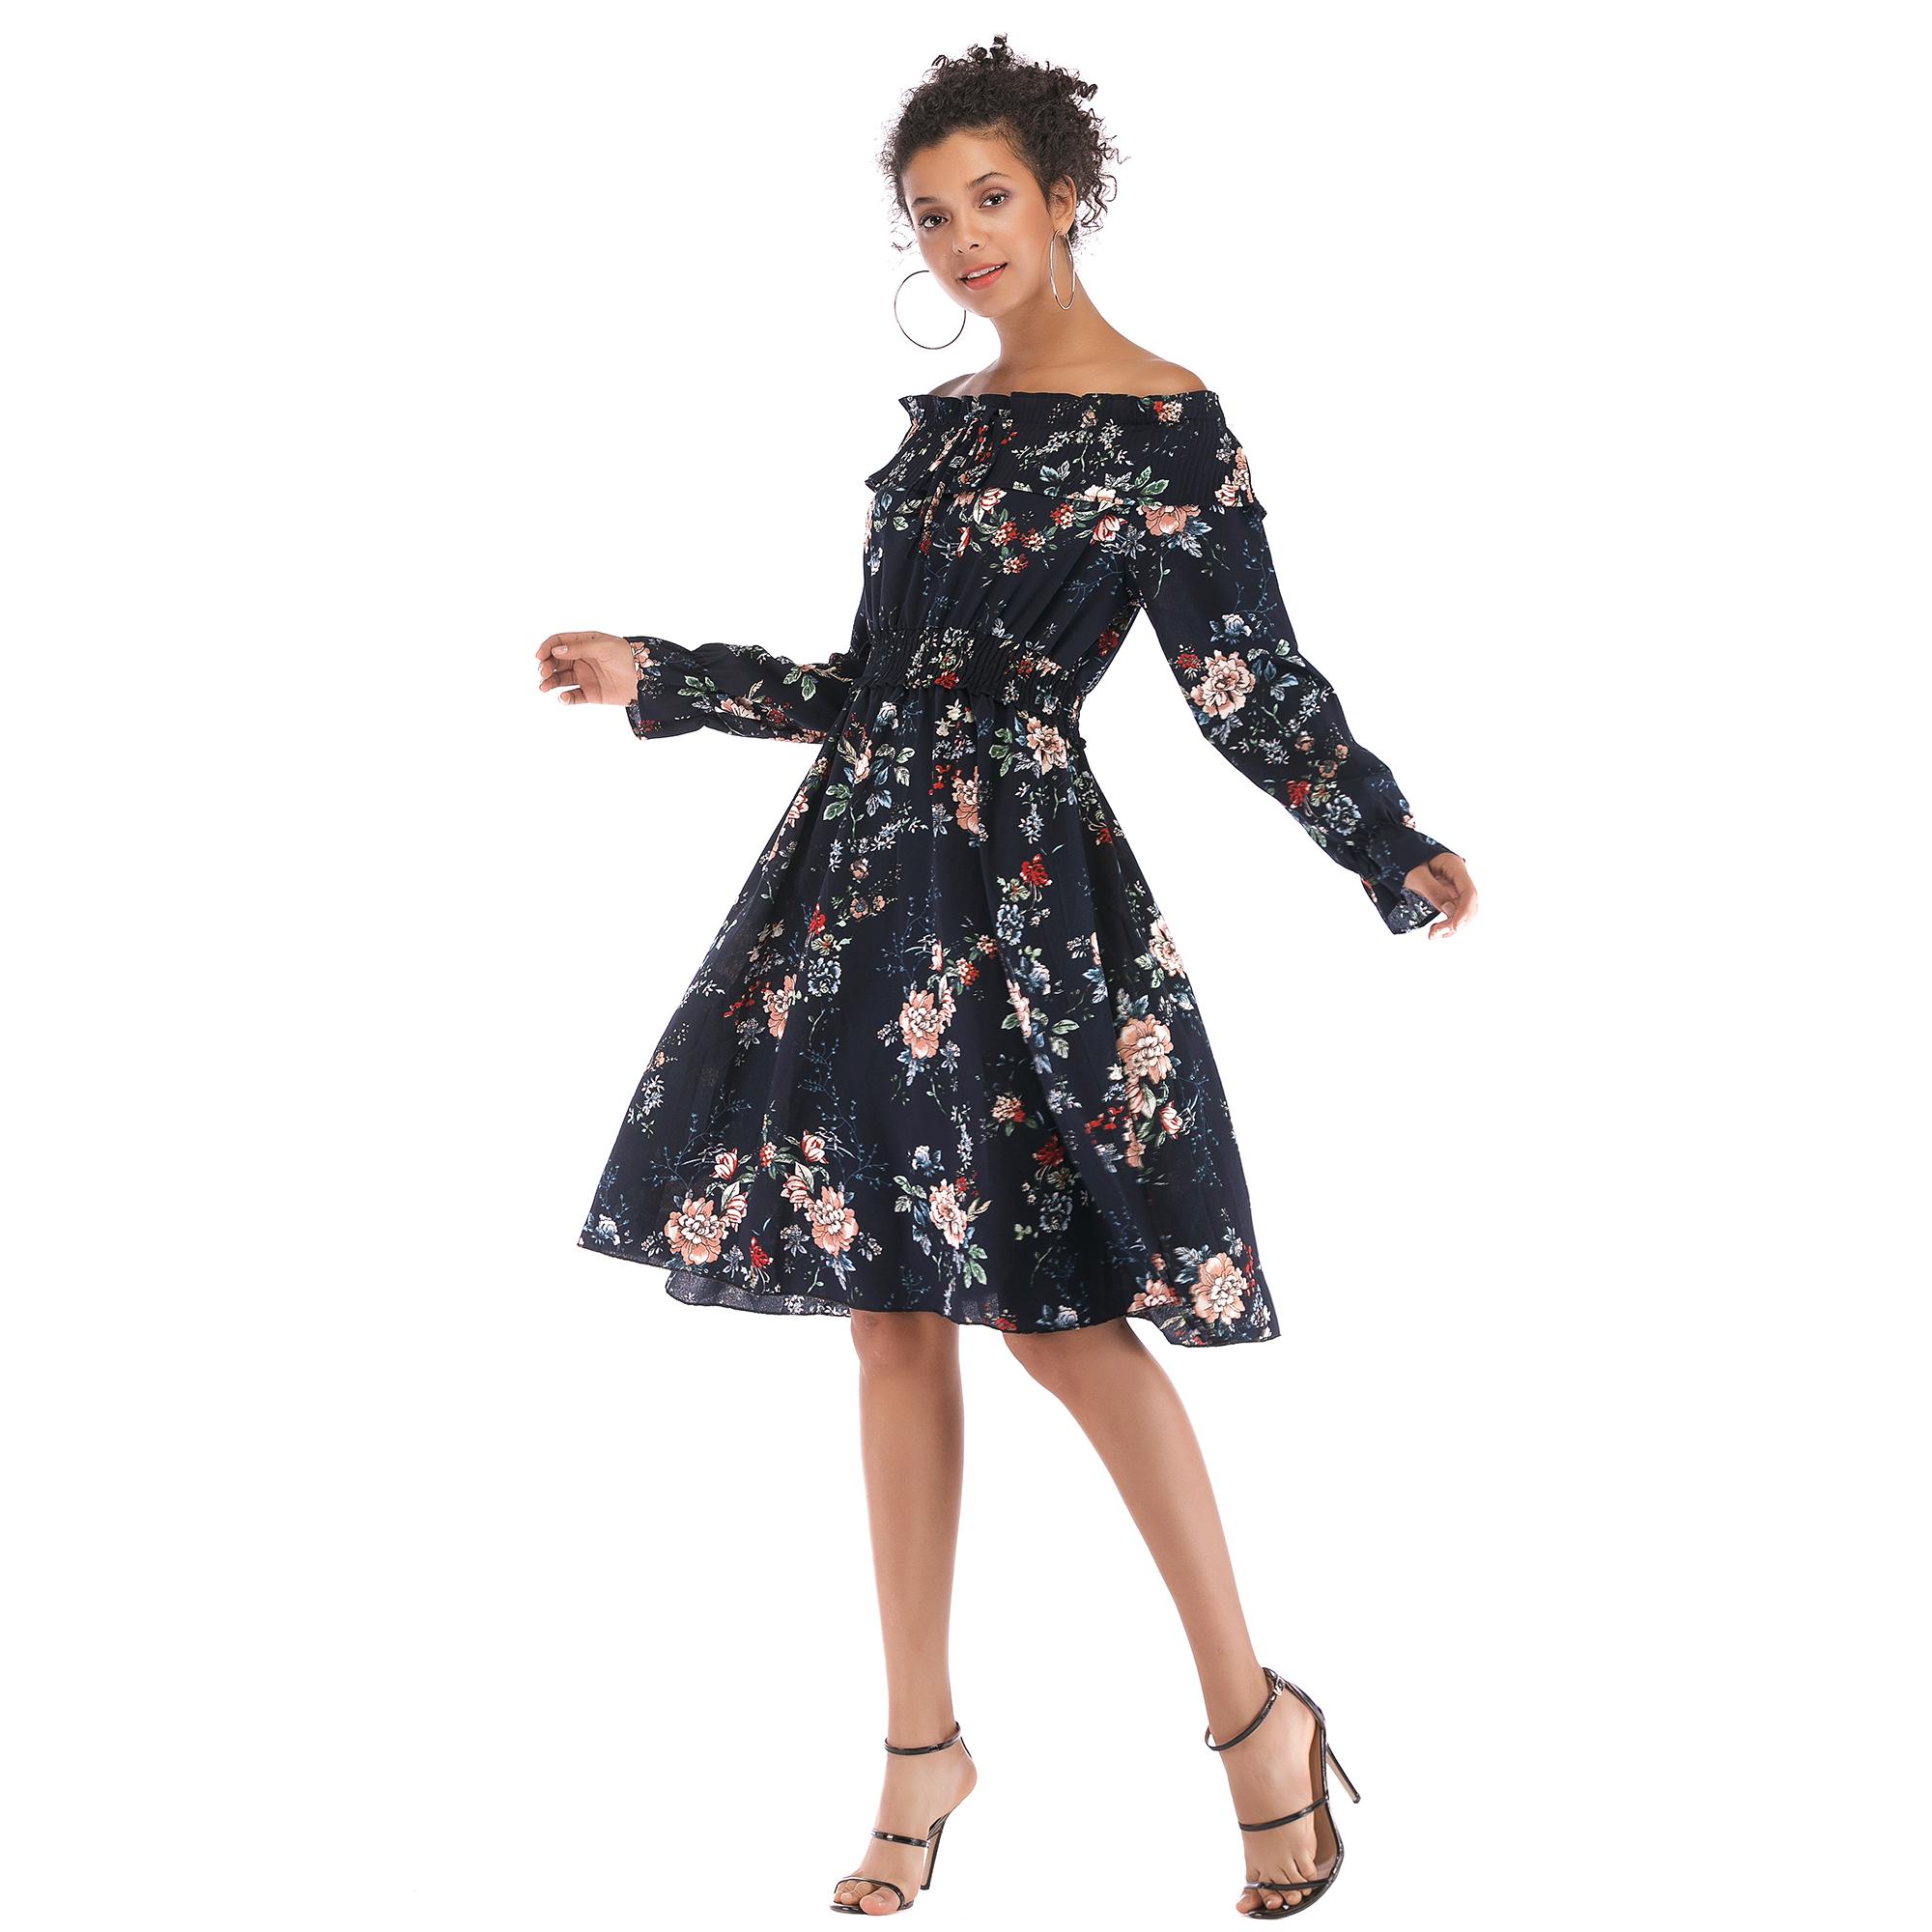 5906 ebay速卖通热卖女装欧美复古一字领露肩连衣裙小碎花雪纺裙